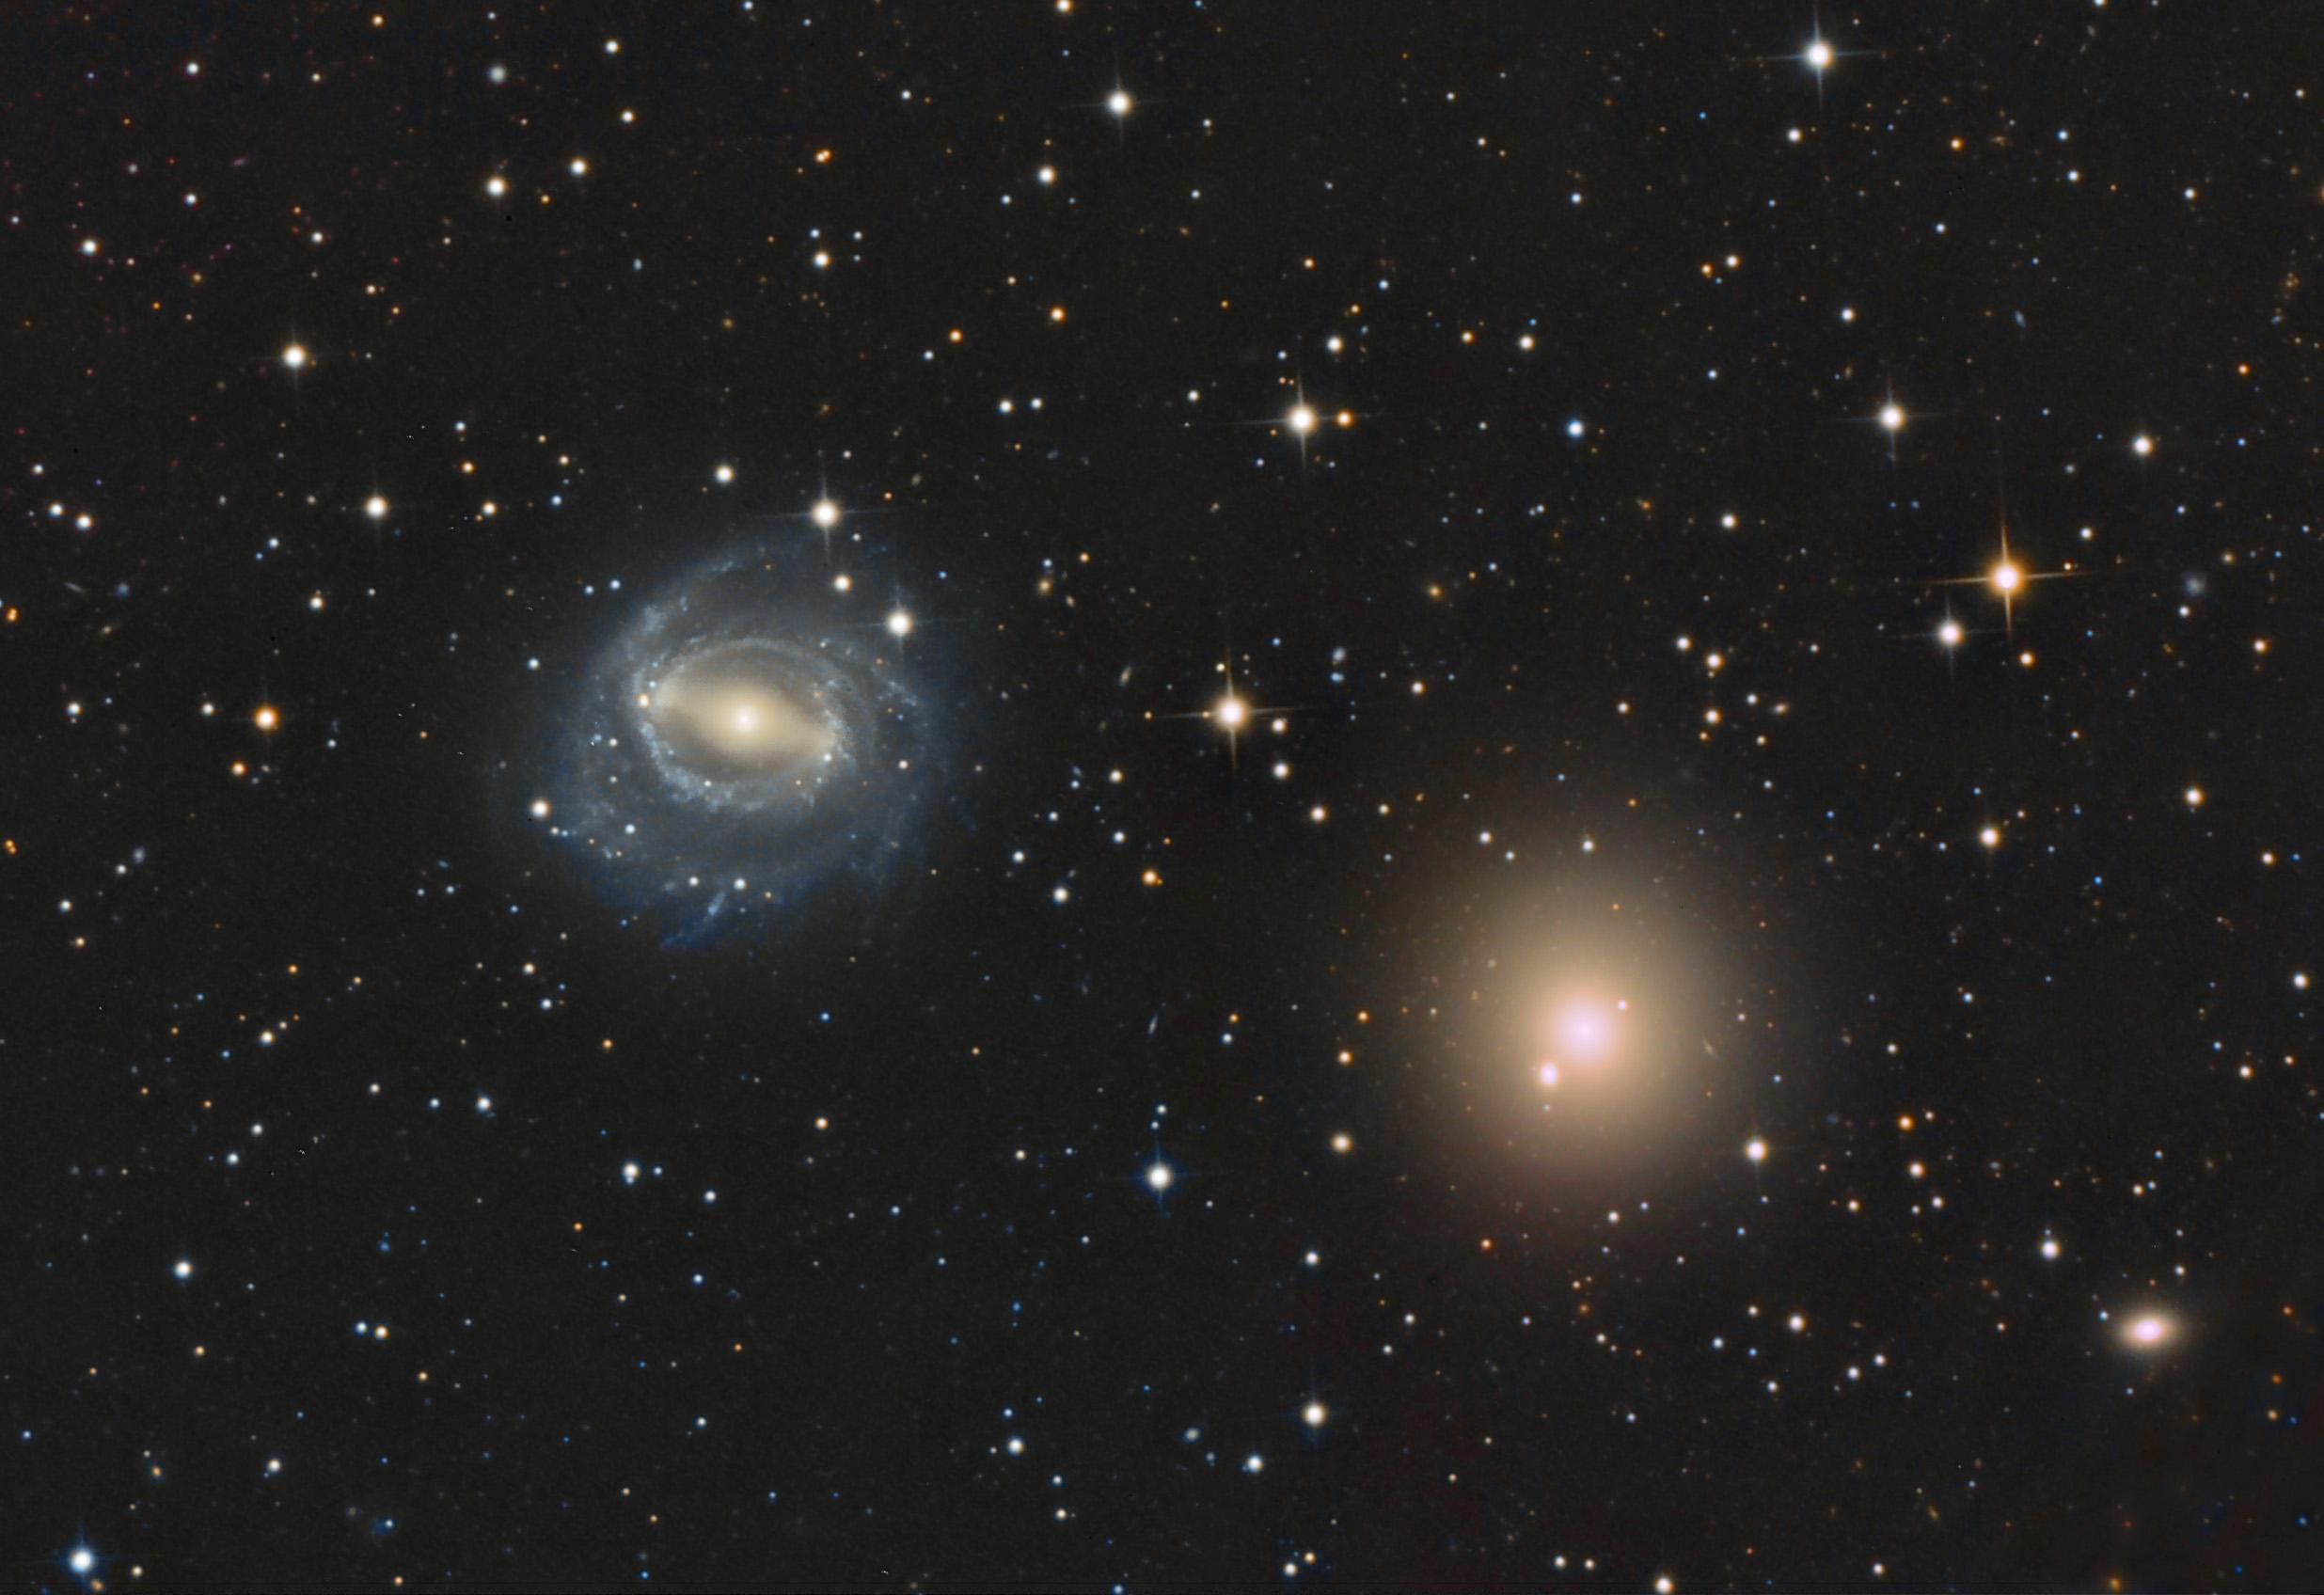 NGC 5850 in Virgo